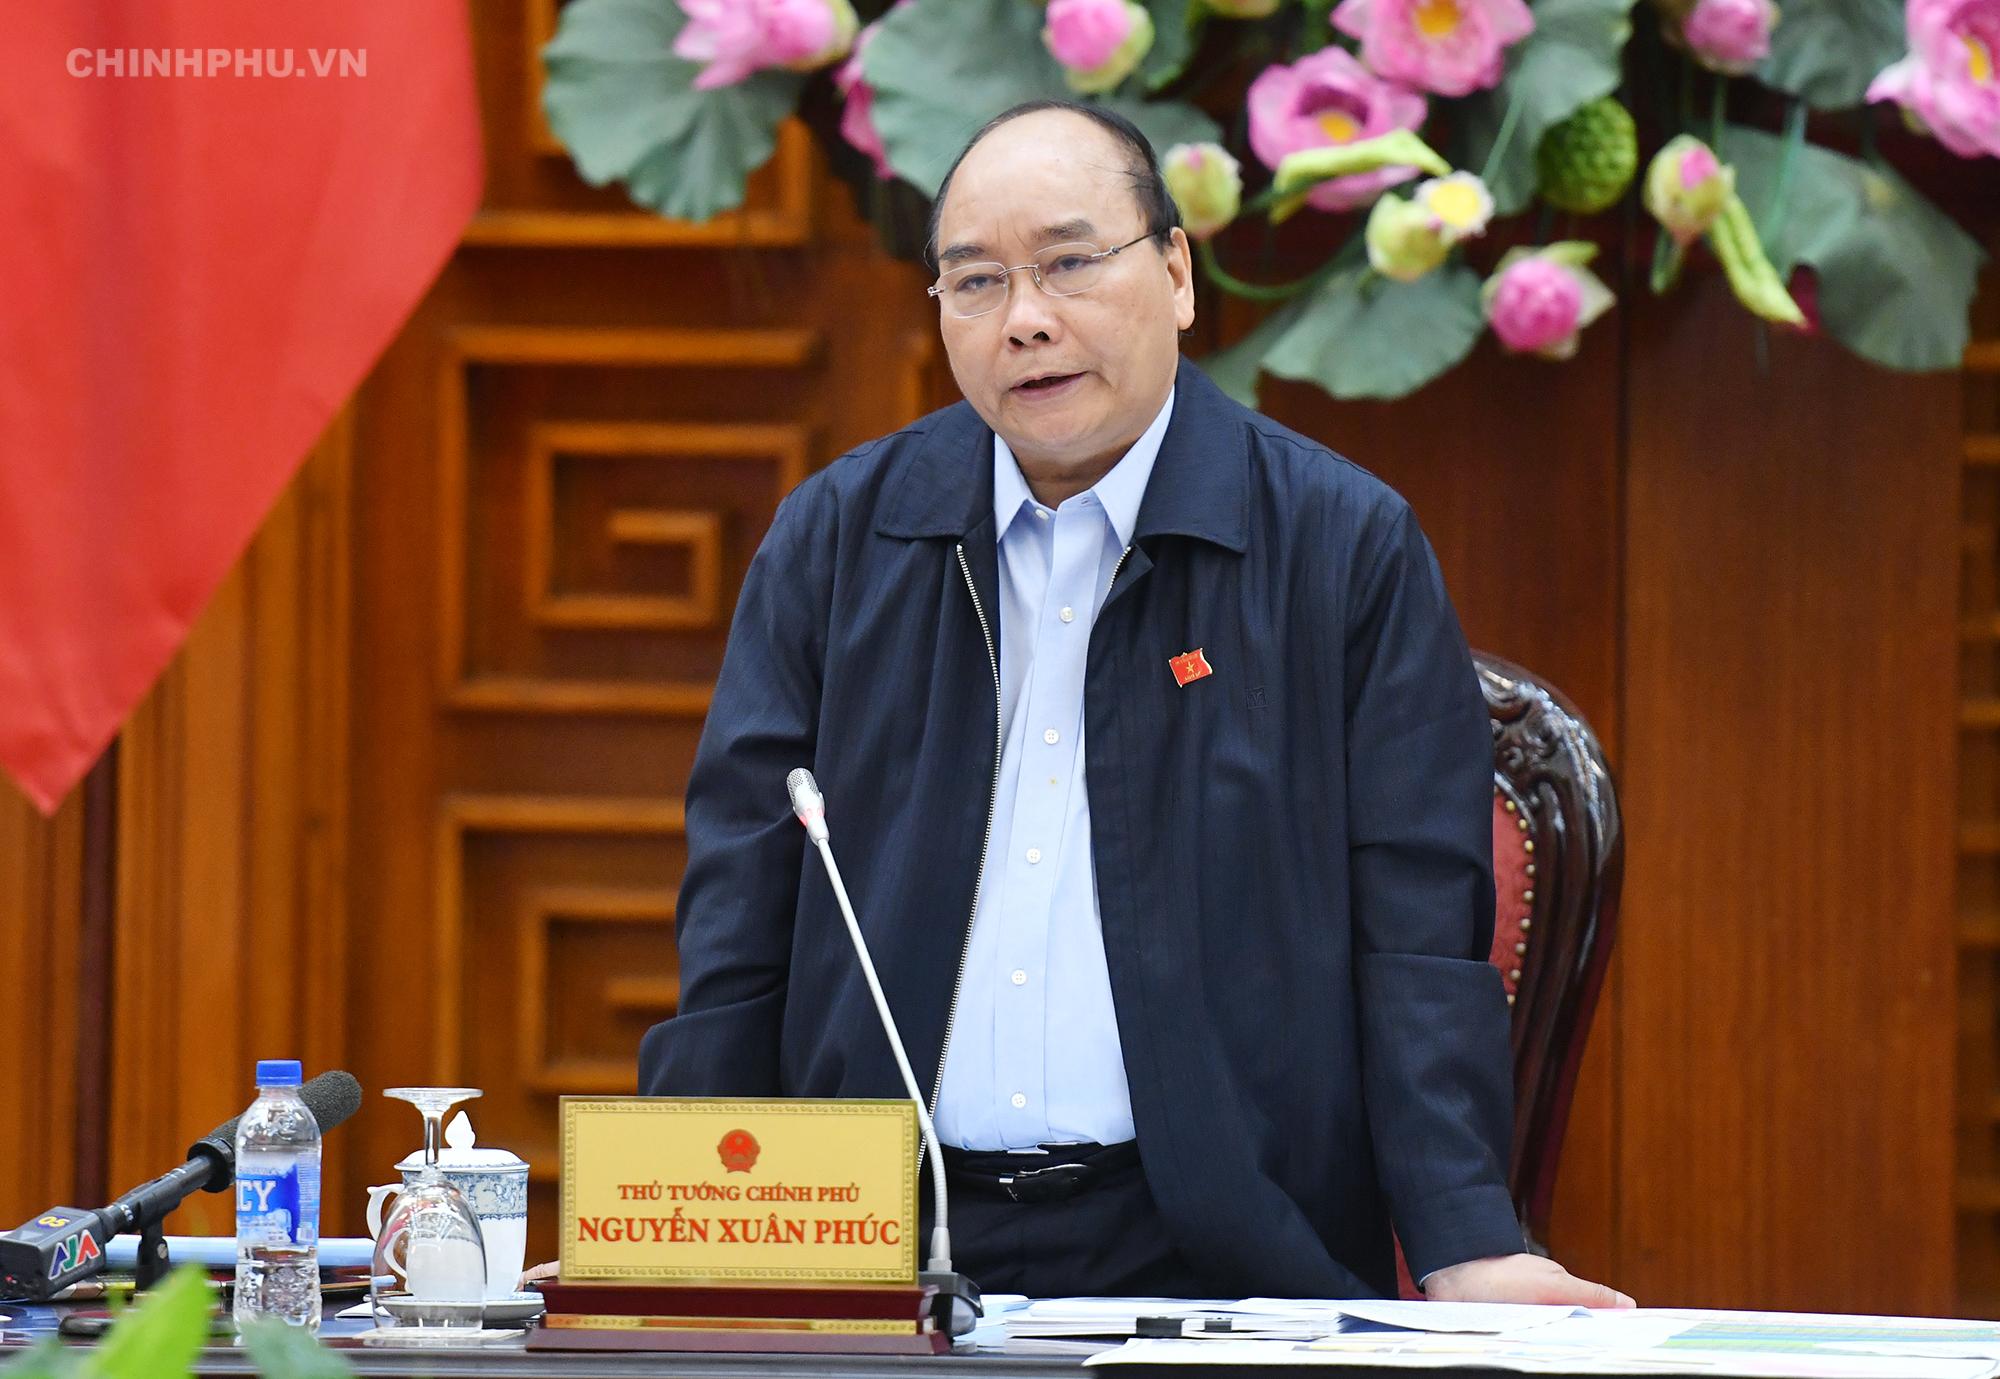 """Thủ tướng lưu ý, không để đầu tư chống sạt lở như '""""ném đá ao bèo"""". Ảnh: VGP/Quang Hiếu"""